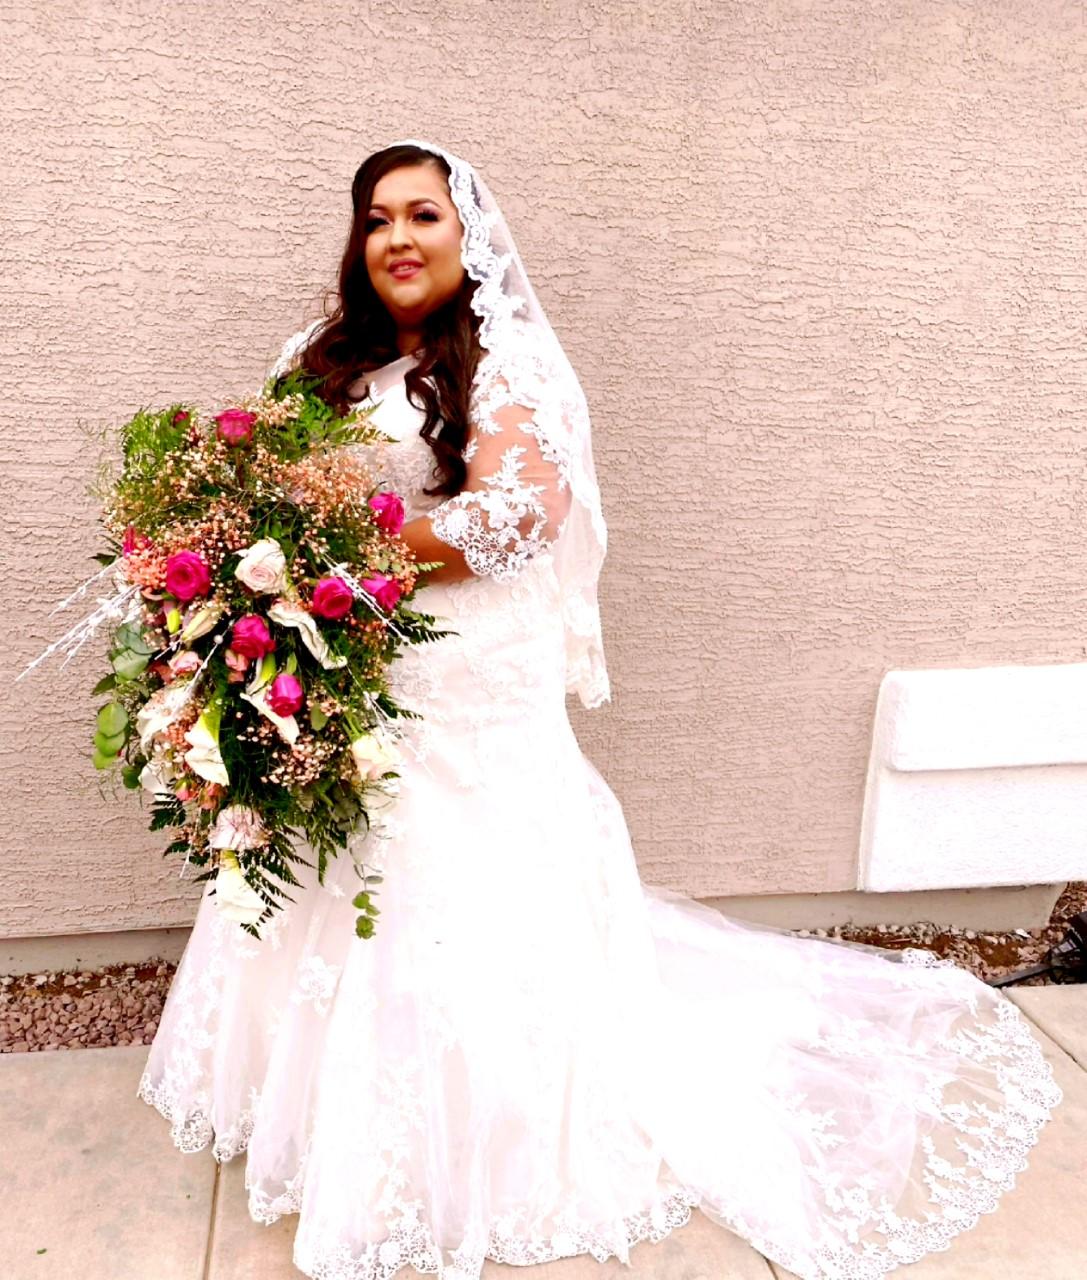 Daisy's 3/4 Length Sleeve Lace Wedding Dress